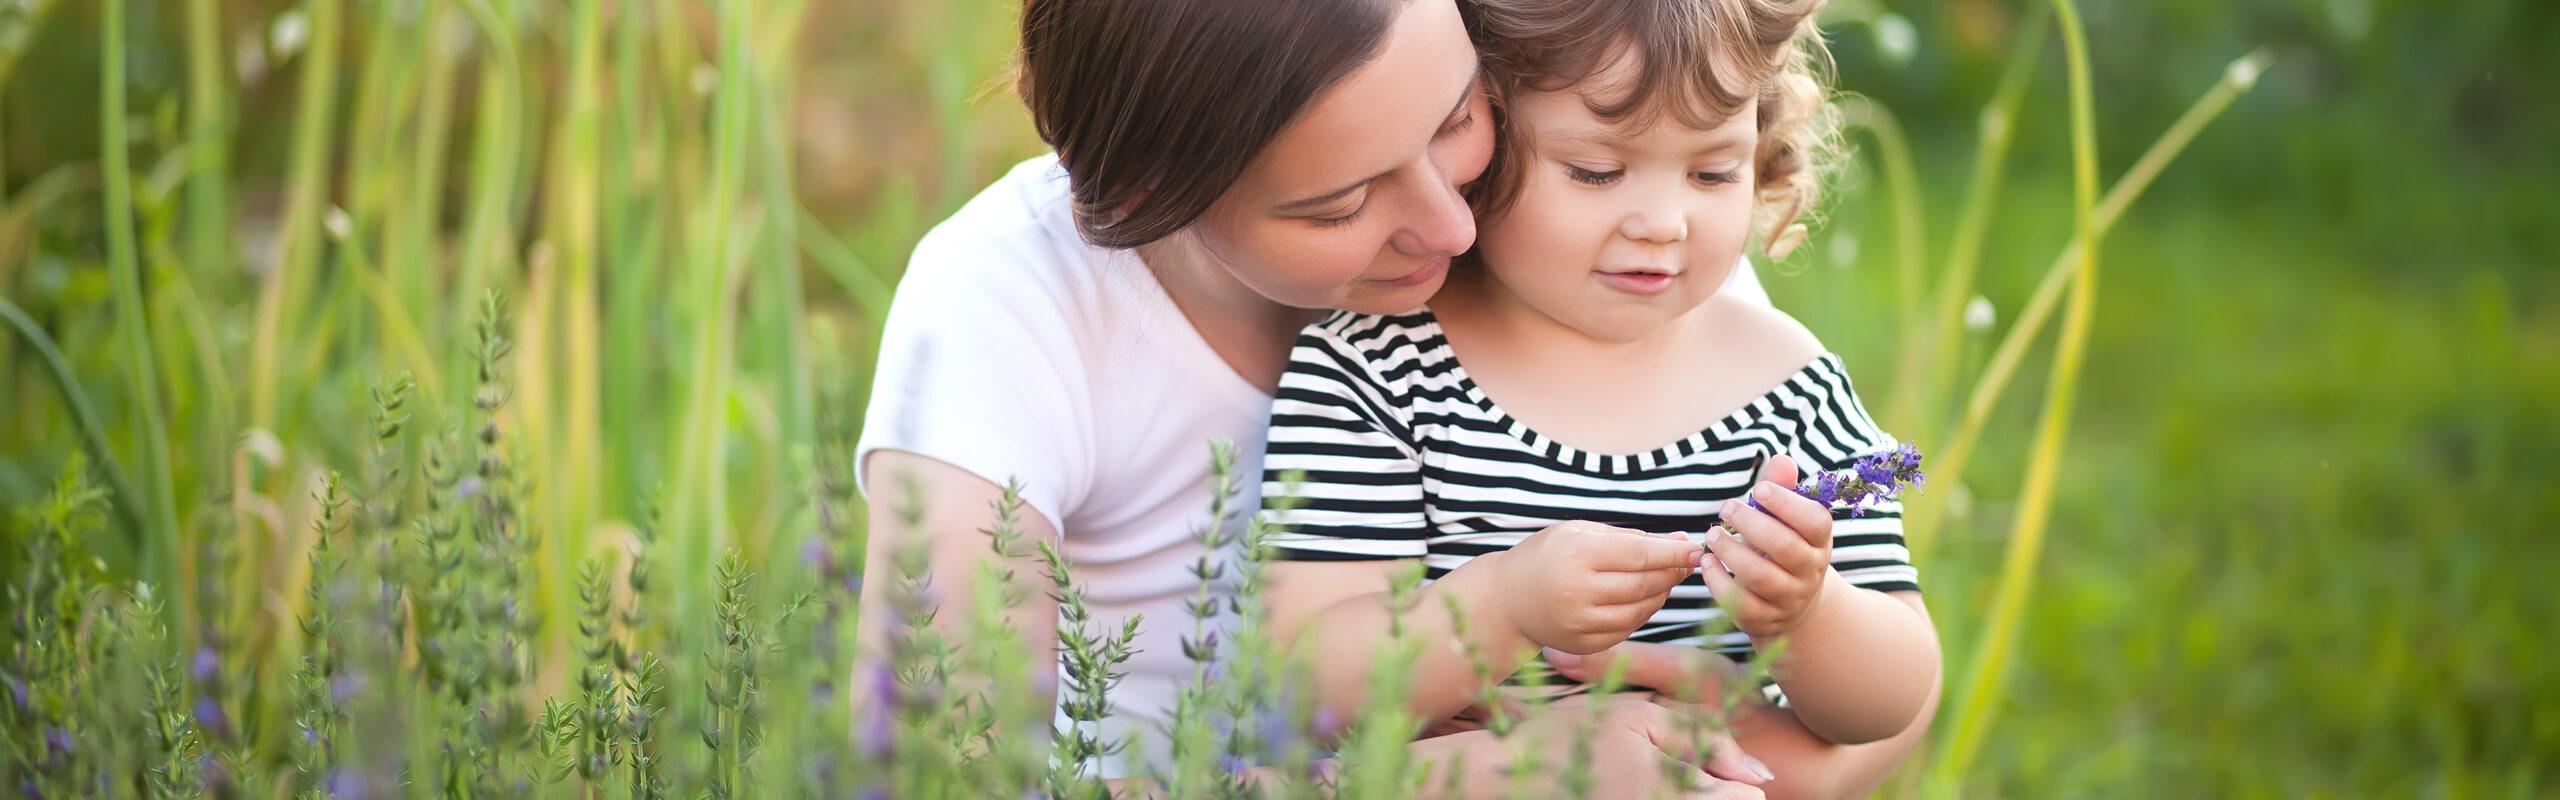 herbs for children